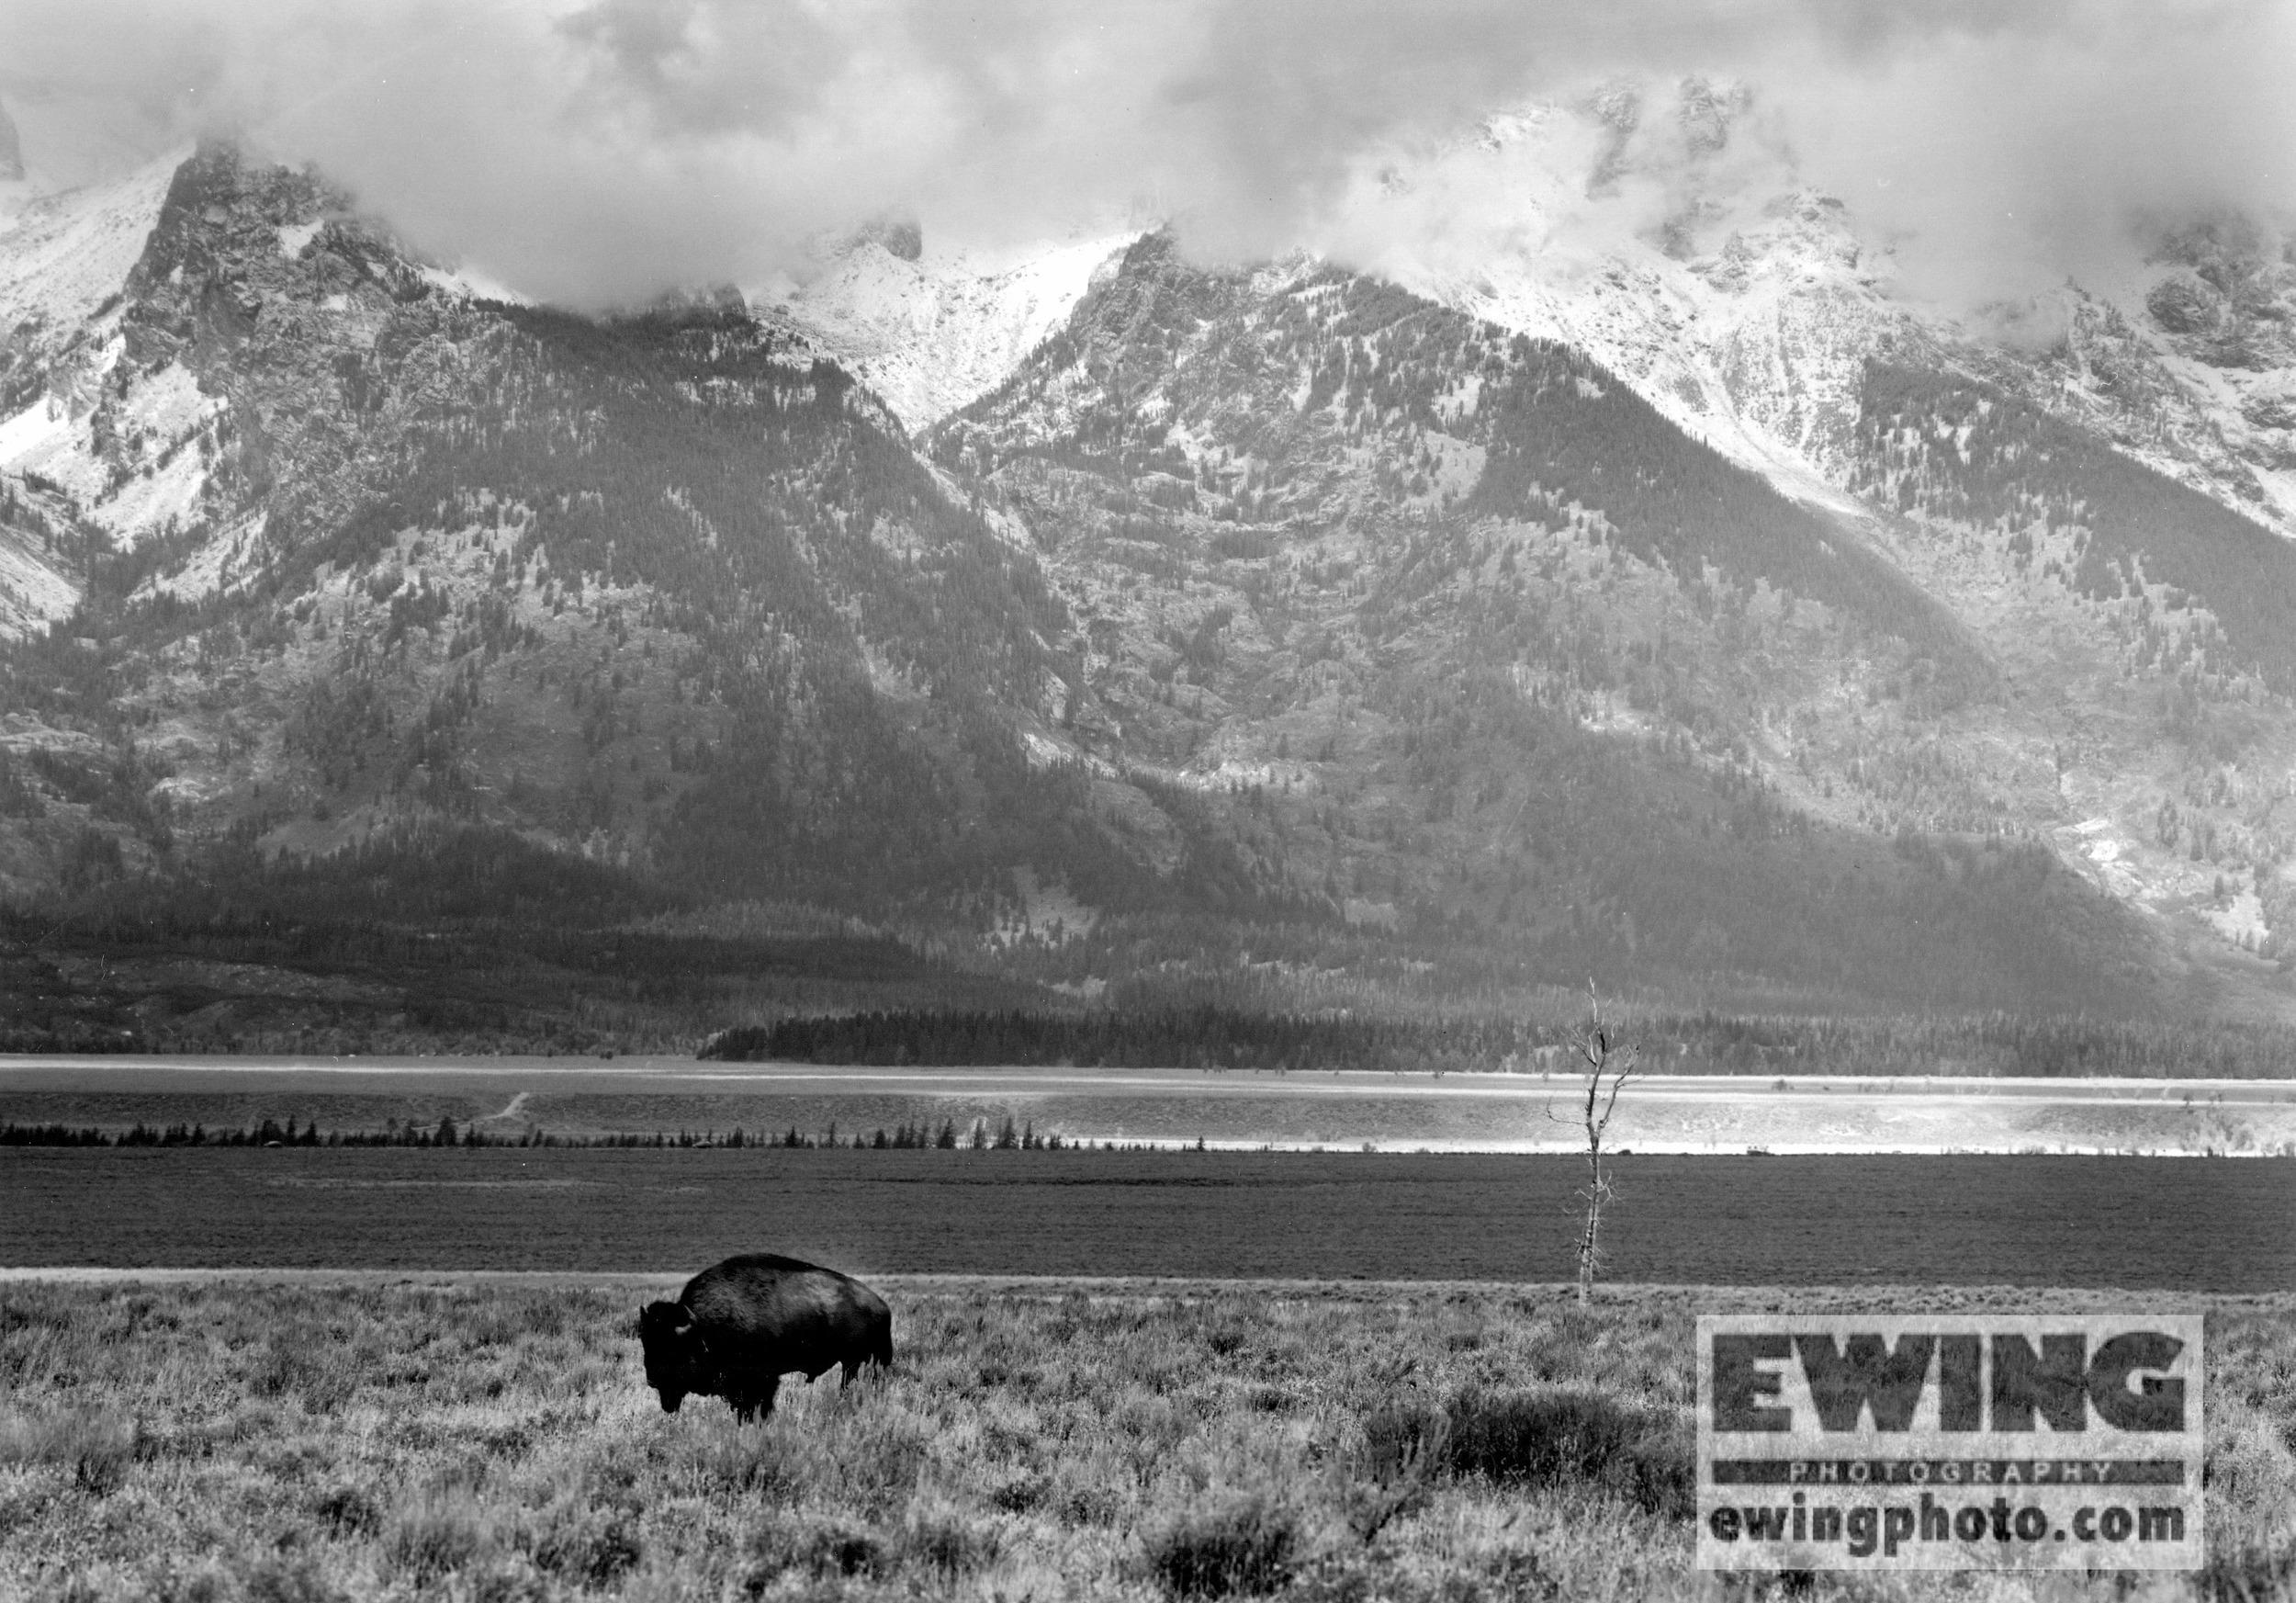 Antelope Flats, Teton National Park, Wyoming